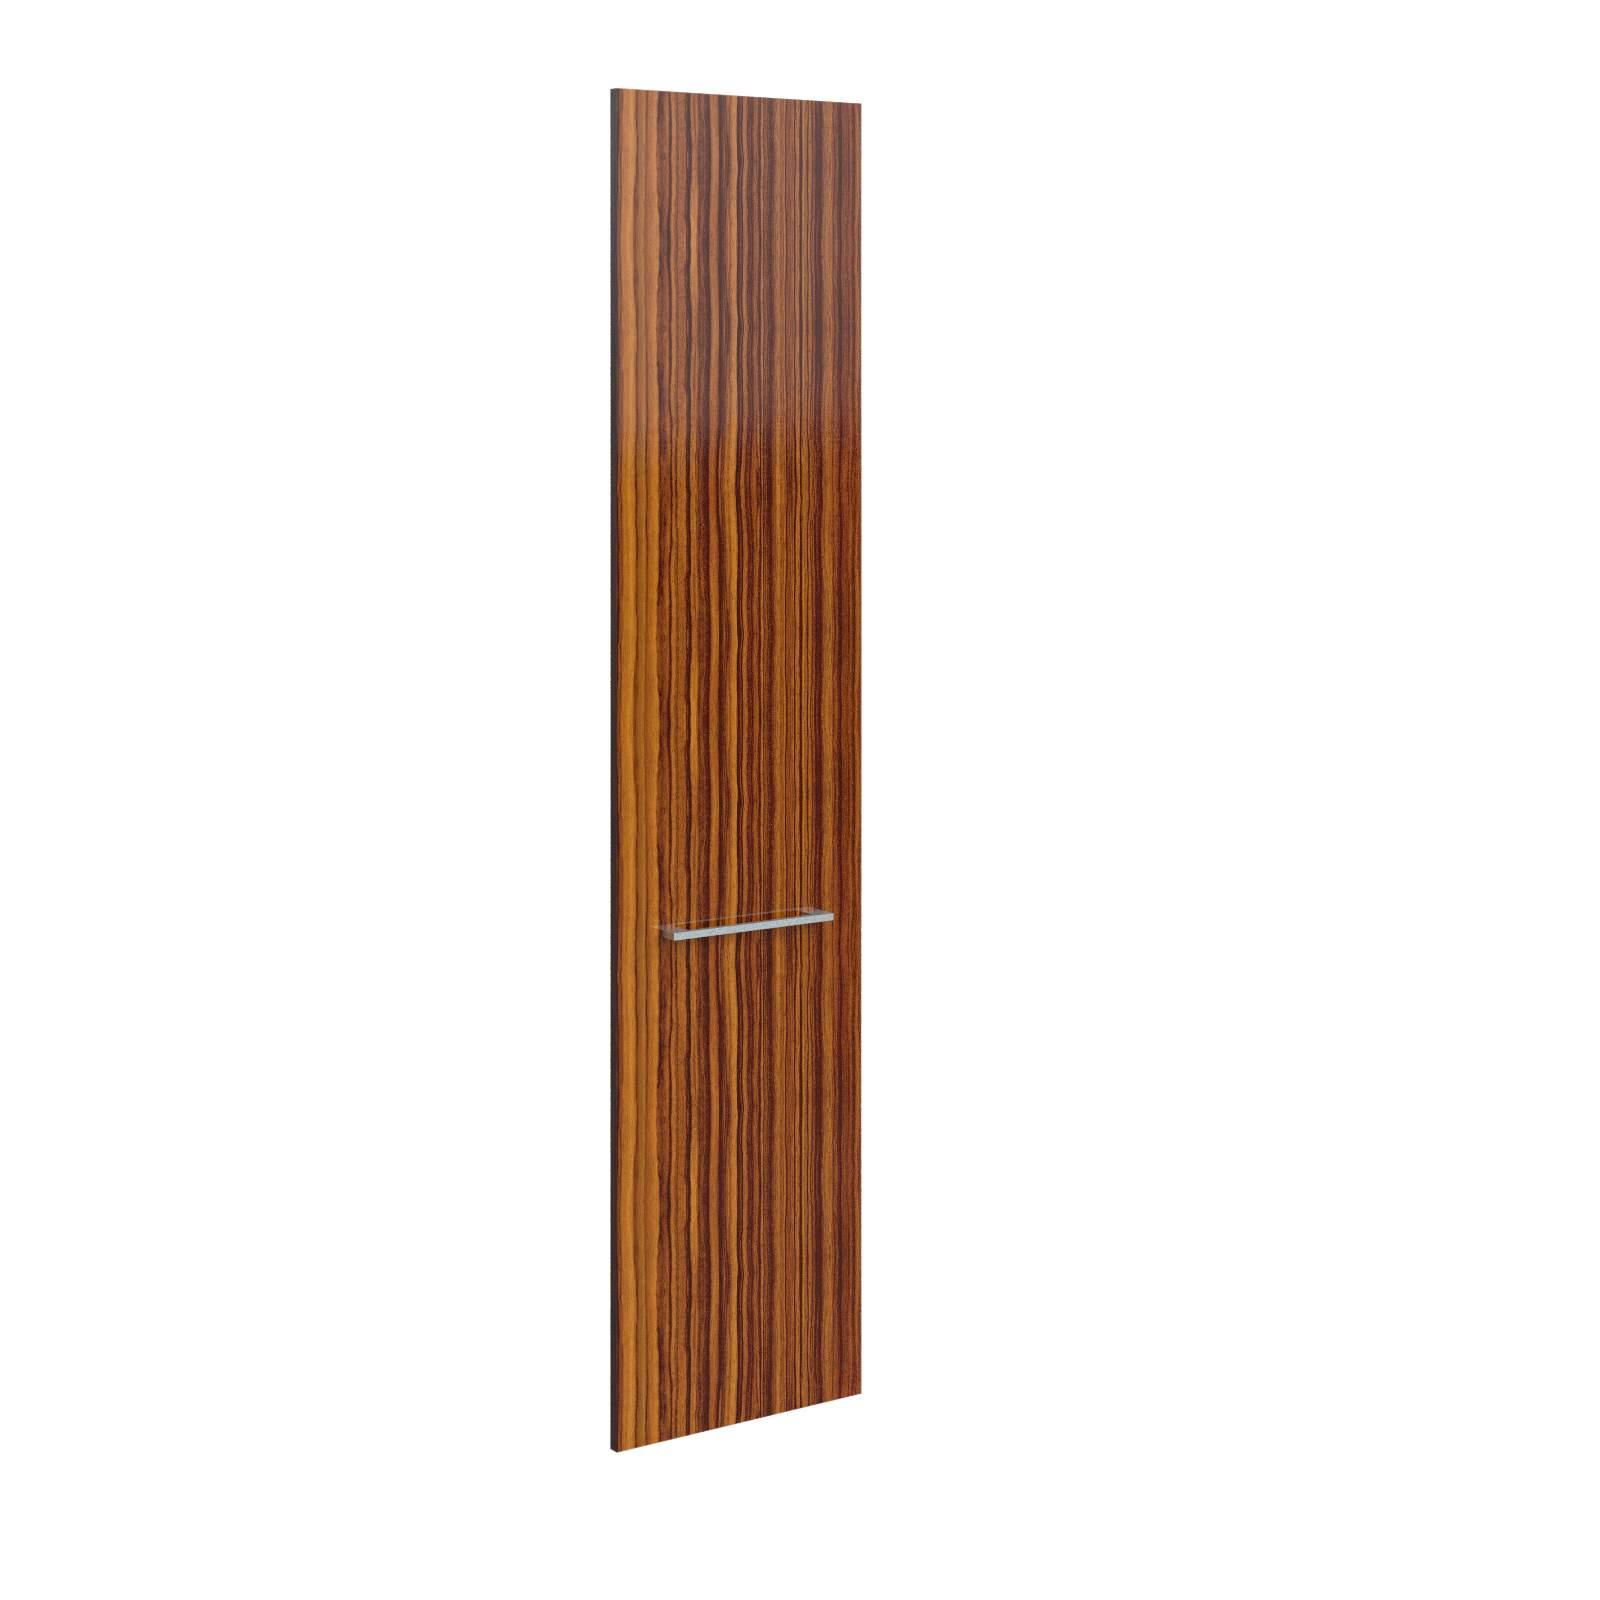 Дверь ЛДСП высокая 844x1900x18